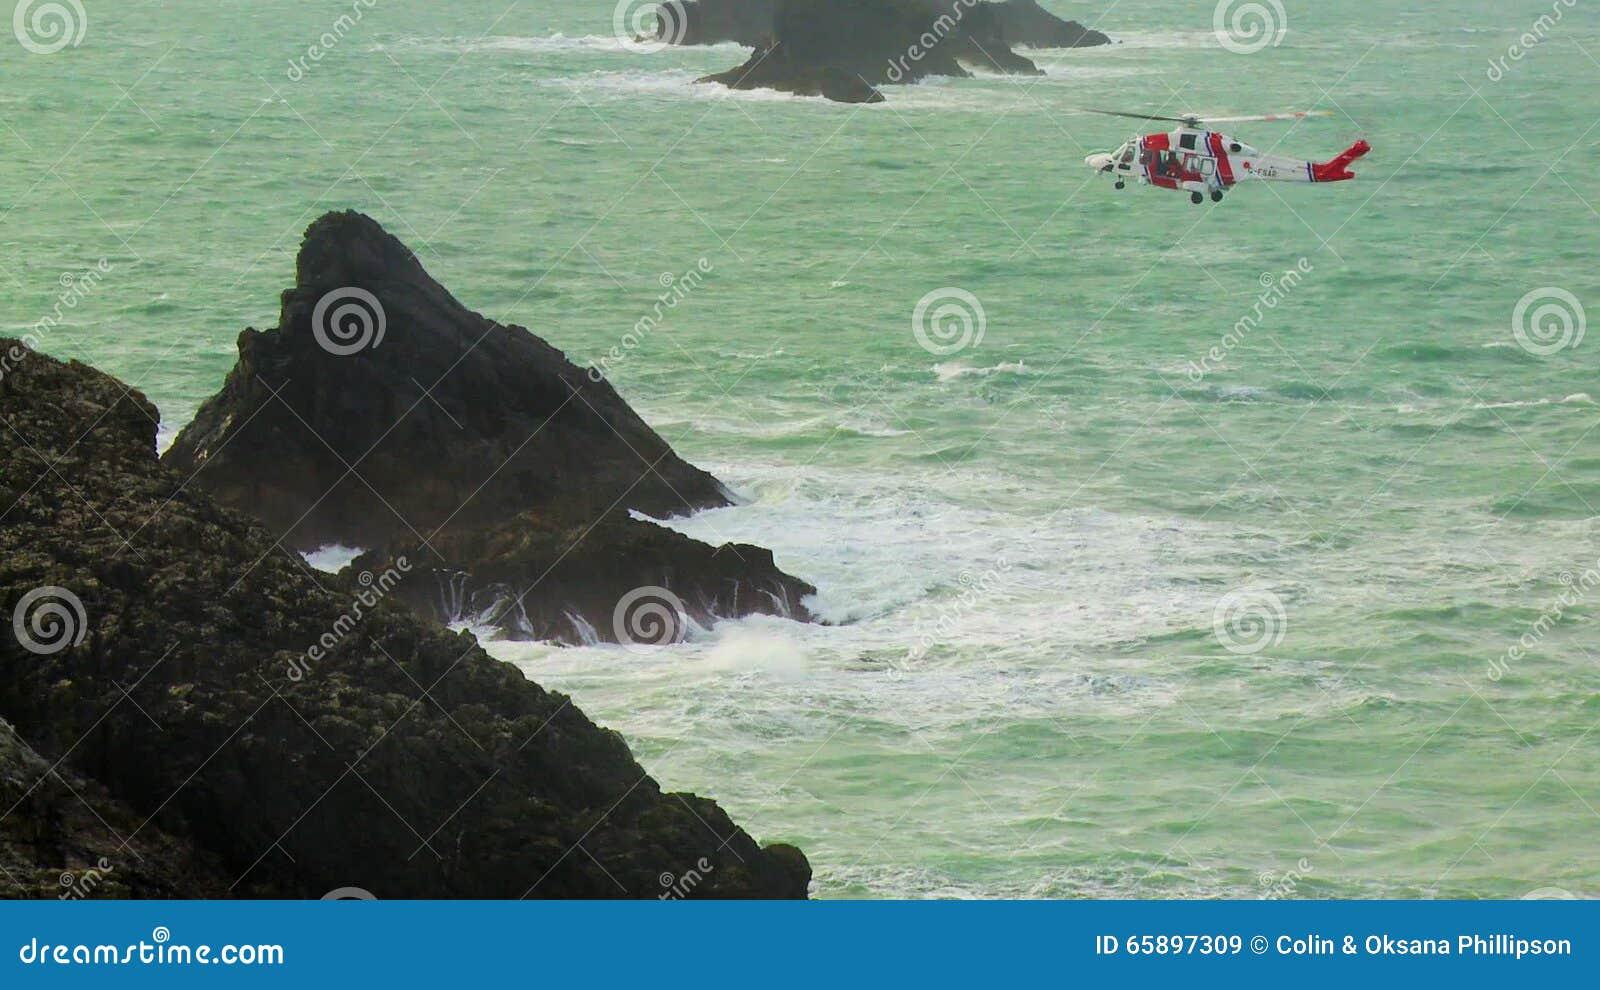 L Elicottero Posizione : Il suo elicottero della guardia costiera della maestà che si libra